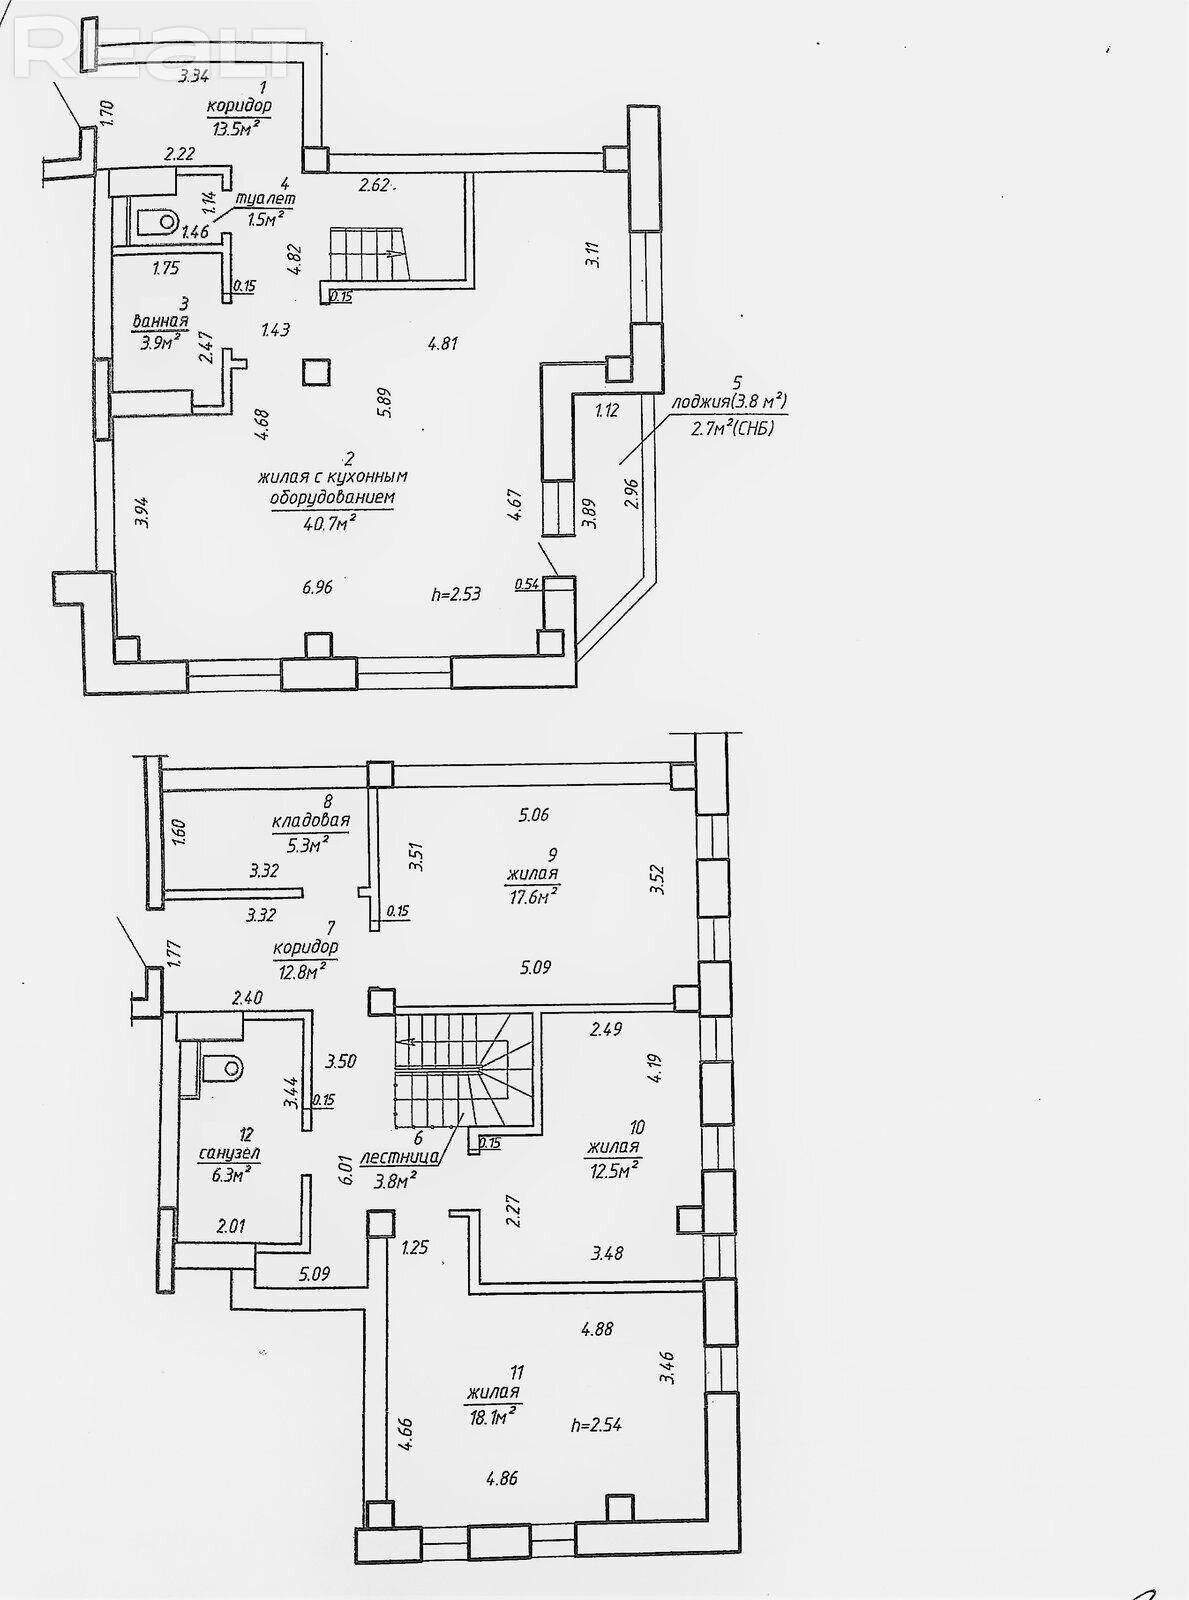 Продается 5-и комнатная квартира, ул. Янковского д.44 - фото №26